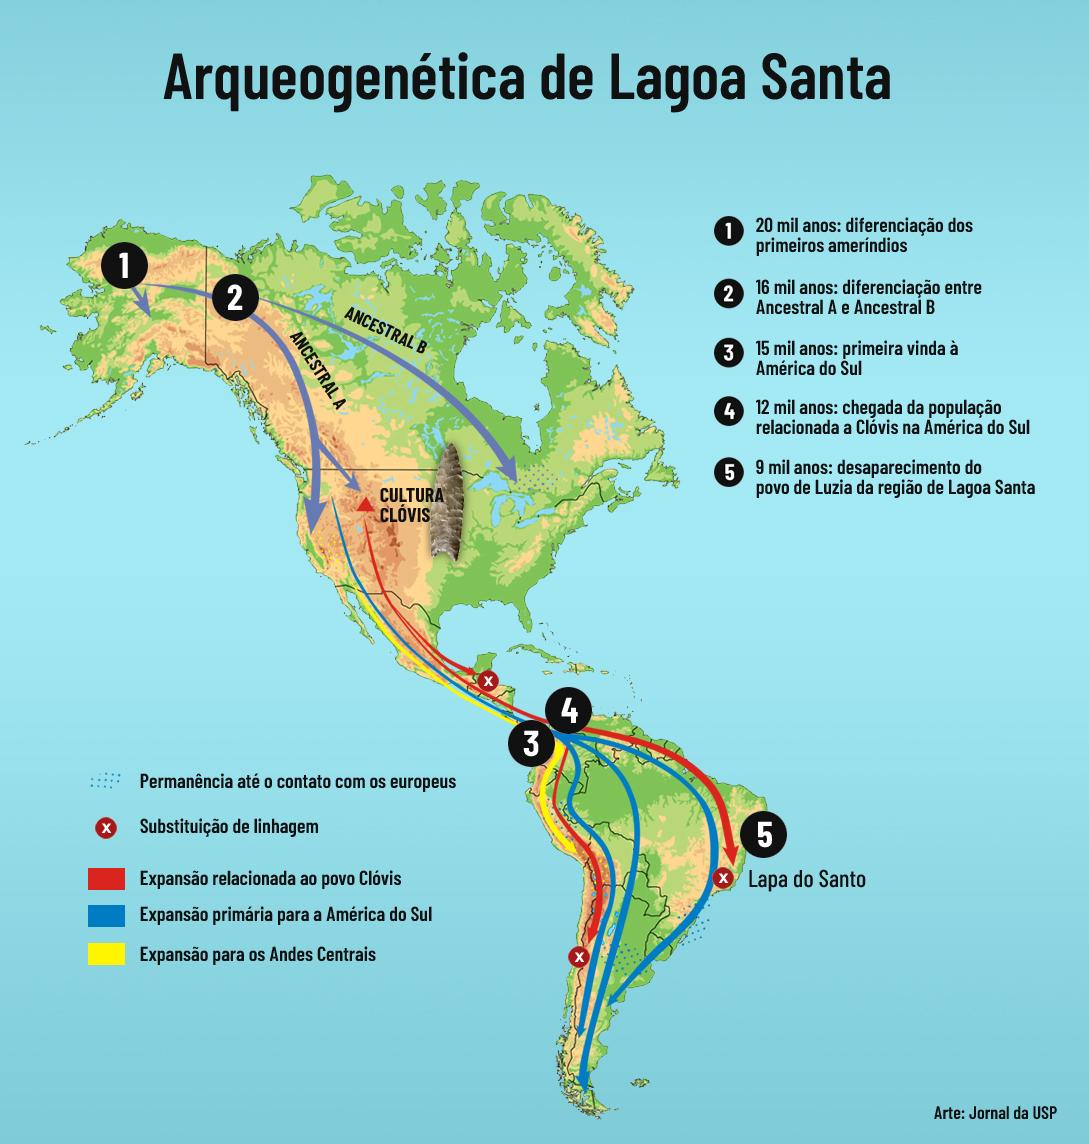 Mapa da arqueogenética de Lagoa Santa indica as três expansões populacionais que a nova pesquisa demonstra. A primeira expansão da América do Norte para a América do Sul ocorreu por volta de 15 mil anos atrás. A população relacionada à cultura Clóvis chegou à América do Sul por volta de 12 mil anos. A outra expansão importante veio da América do Norte até os Andes Centrais.